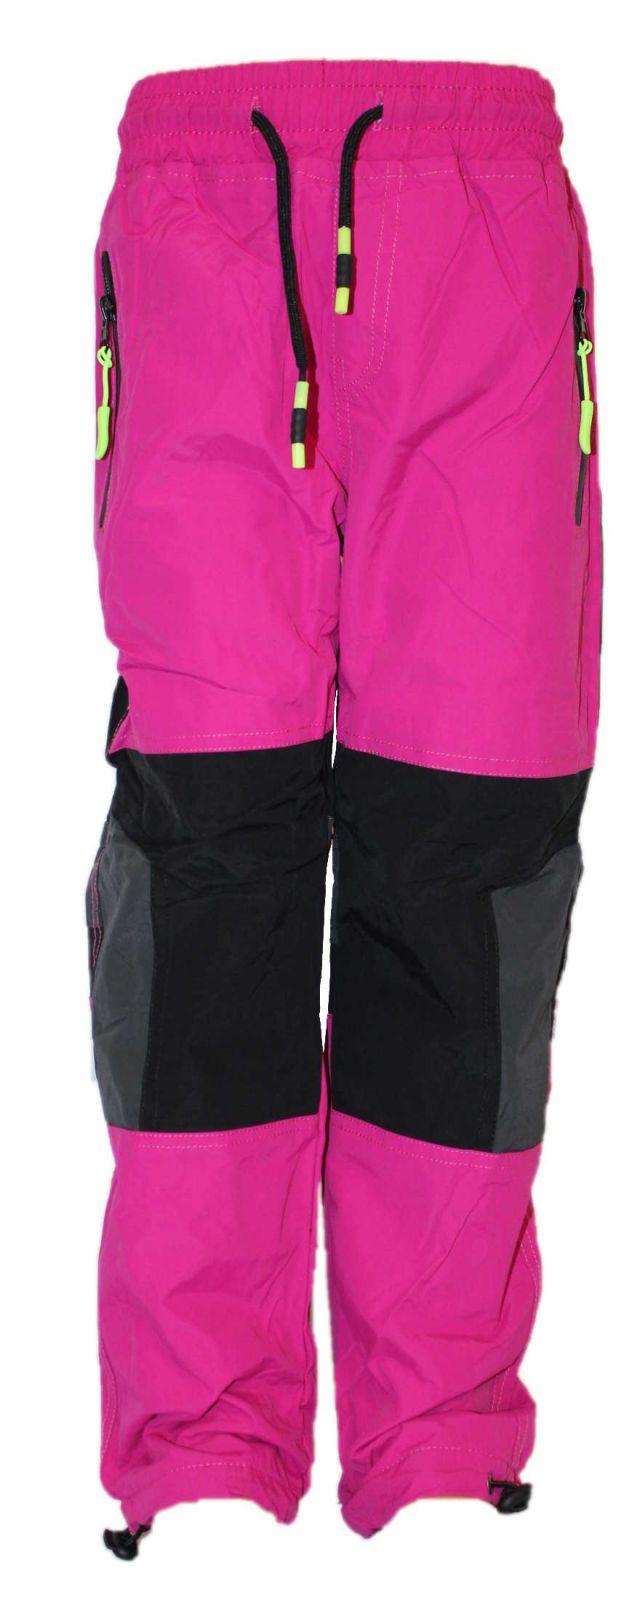 Dětské zateplené nepromokavé kalhoty dětské zateplené šusťákové kalhoty Sezon